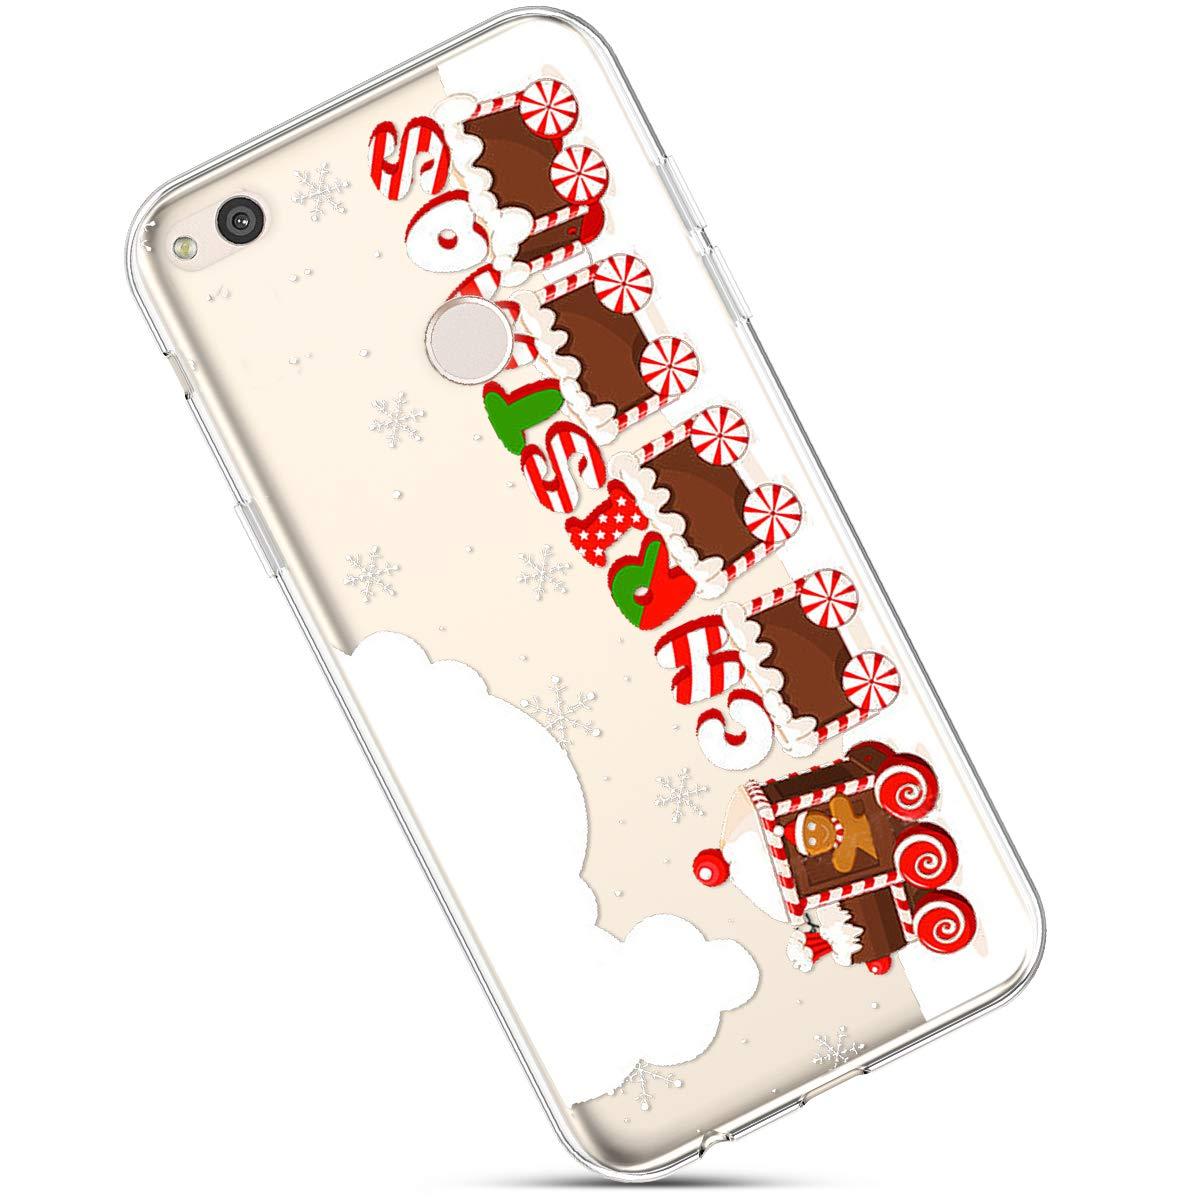 Clair Coque pour Huawei P8 Lite 2017, É tui Huawei P8 Lite 2017, Huawei P8 Lite Case Transparente Crystal Clear Souple Silicone Housse de Protection avec Motif Christmas De noë l Flocon de Neige Case Étui Huawei P8 Lite 2017 Okssud DYY201800253